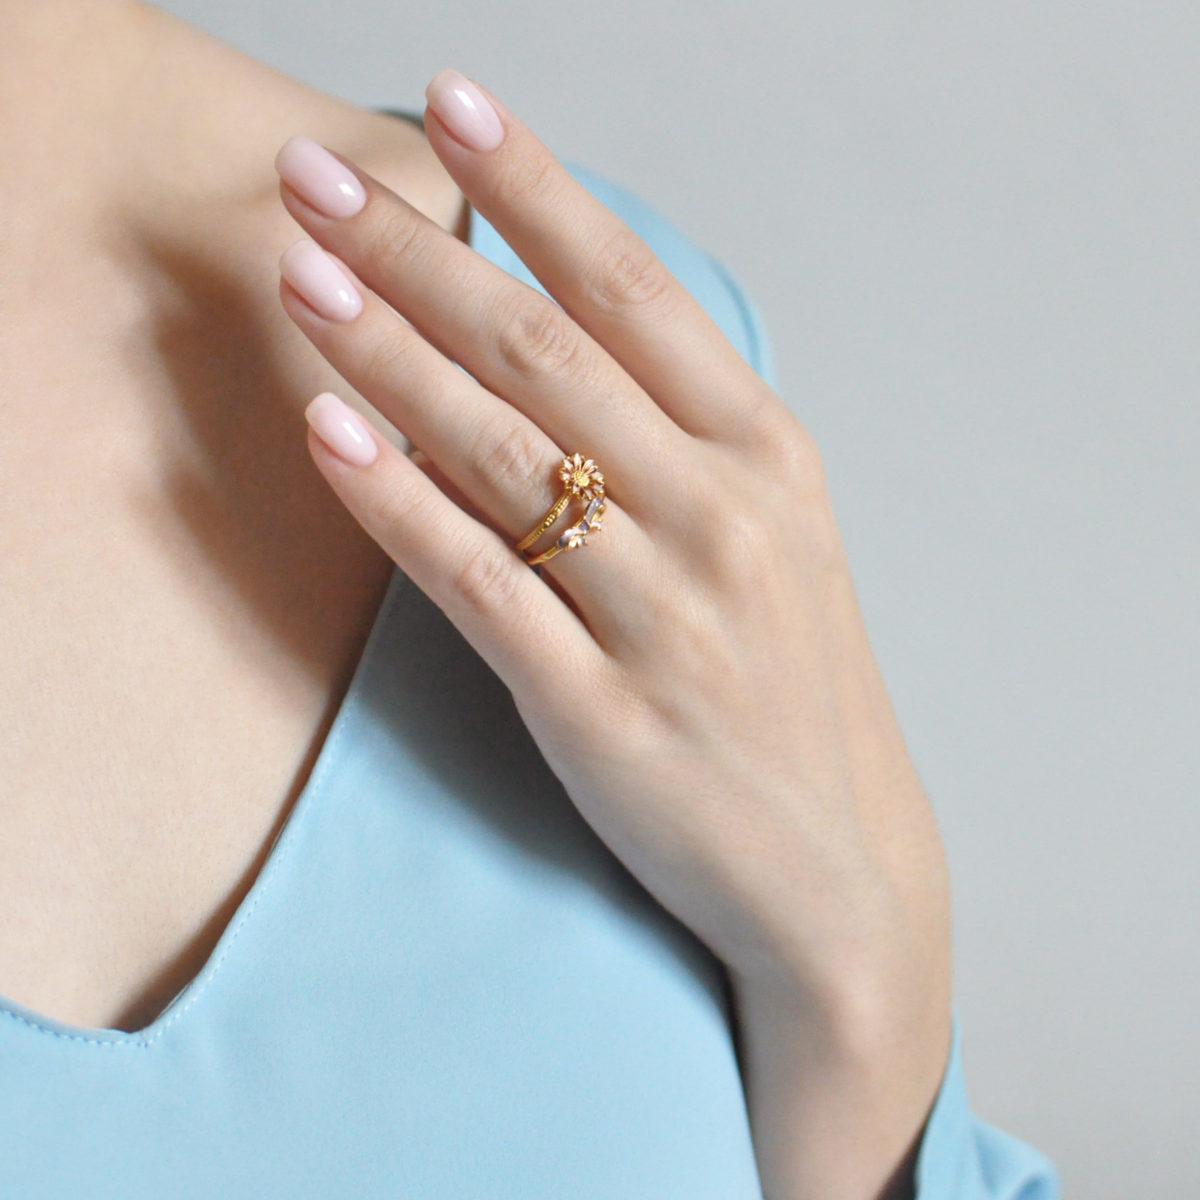 61.206 z rozovaya 1200x1200 - Кольцо из серебра «Бантик» (золочение), розовое